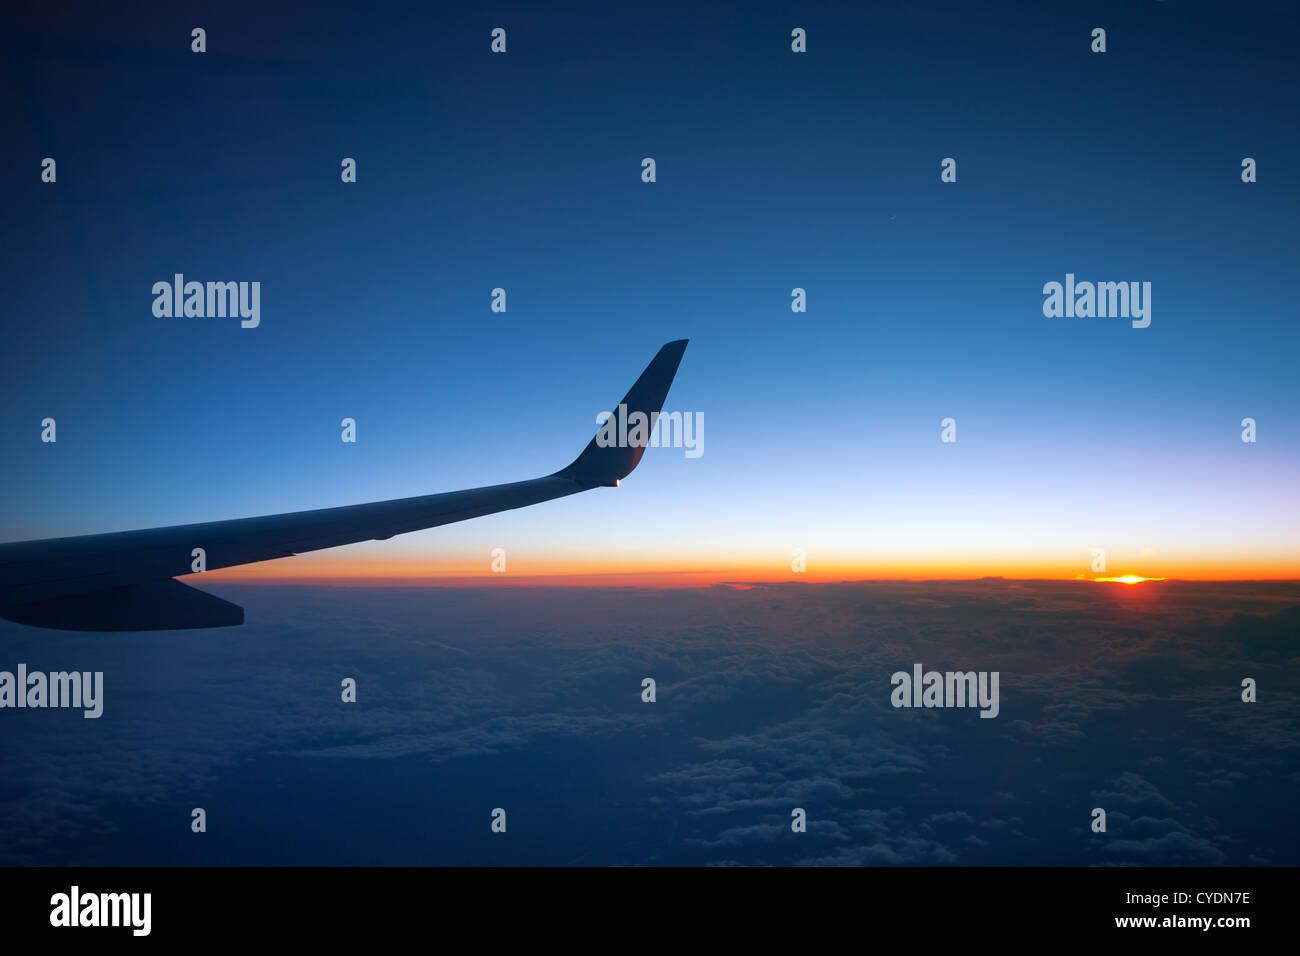 Über den Wolken - Sonnenuntergang mit Flugzeugflügel Stockbild